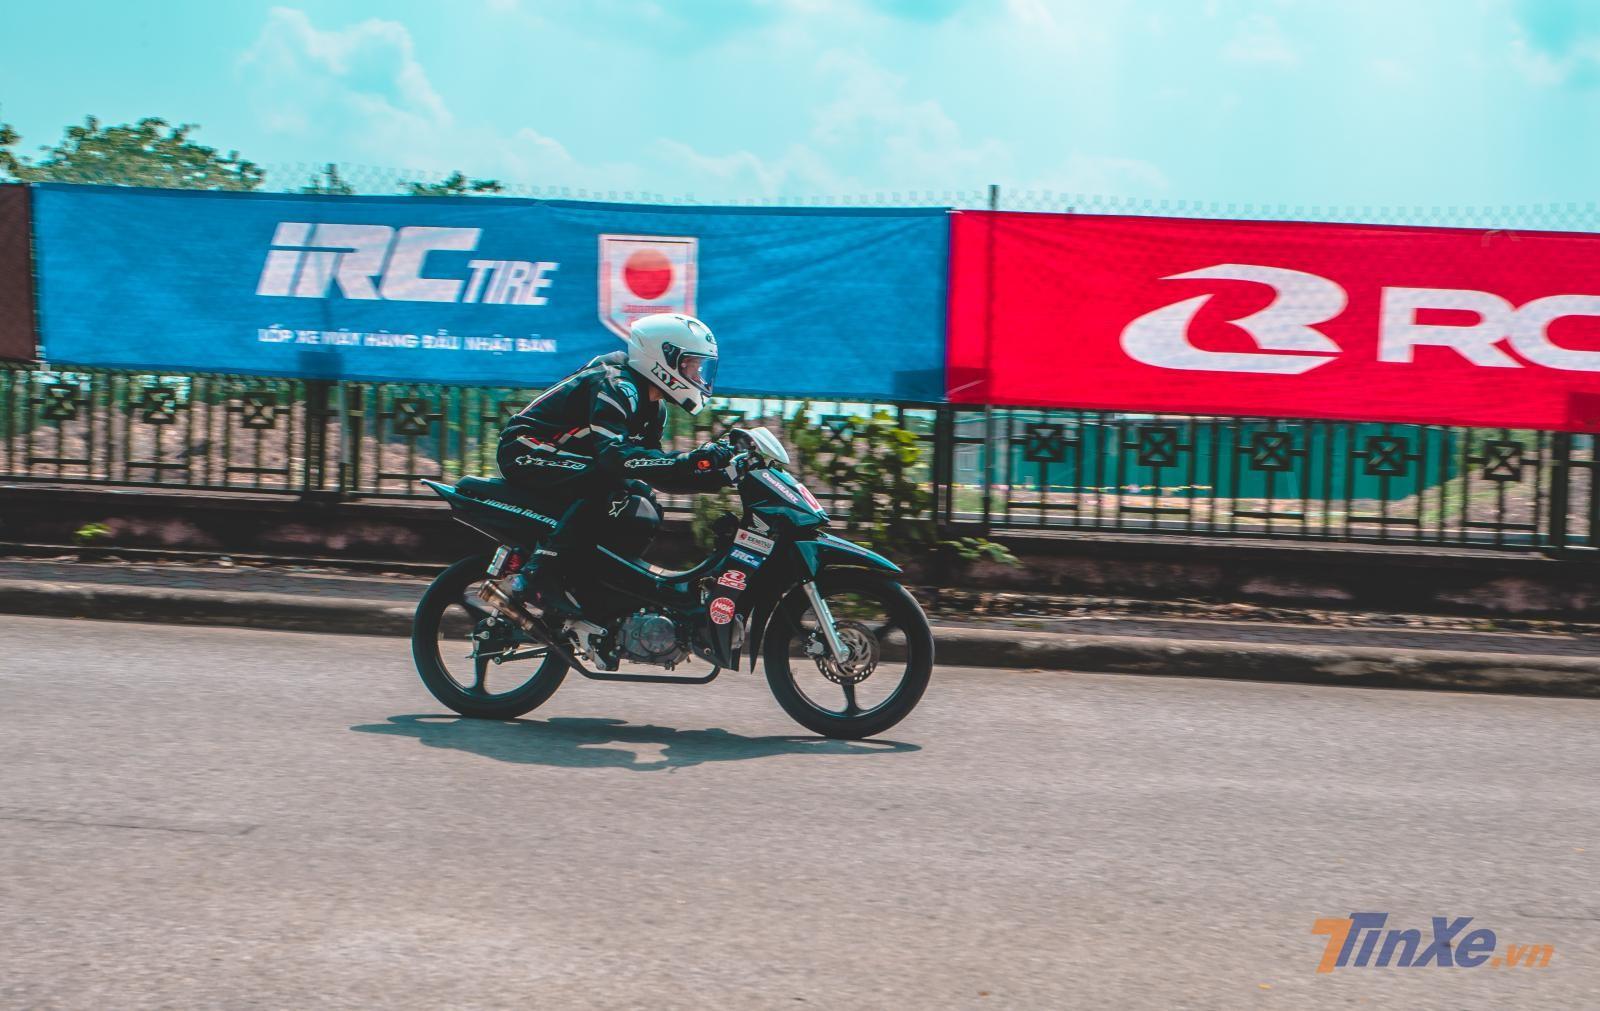 Chùm ảnh: Giải đua VMRC 2019 lần đầu tiên được tổ chức tại Hà Nội - 16